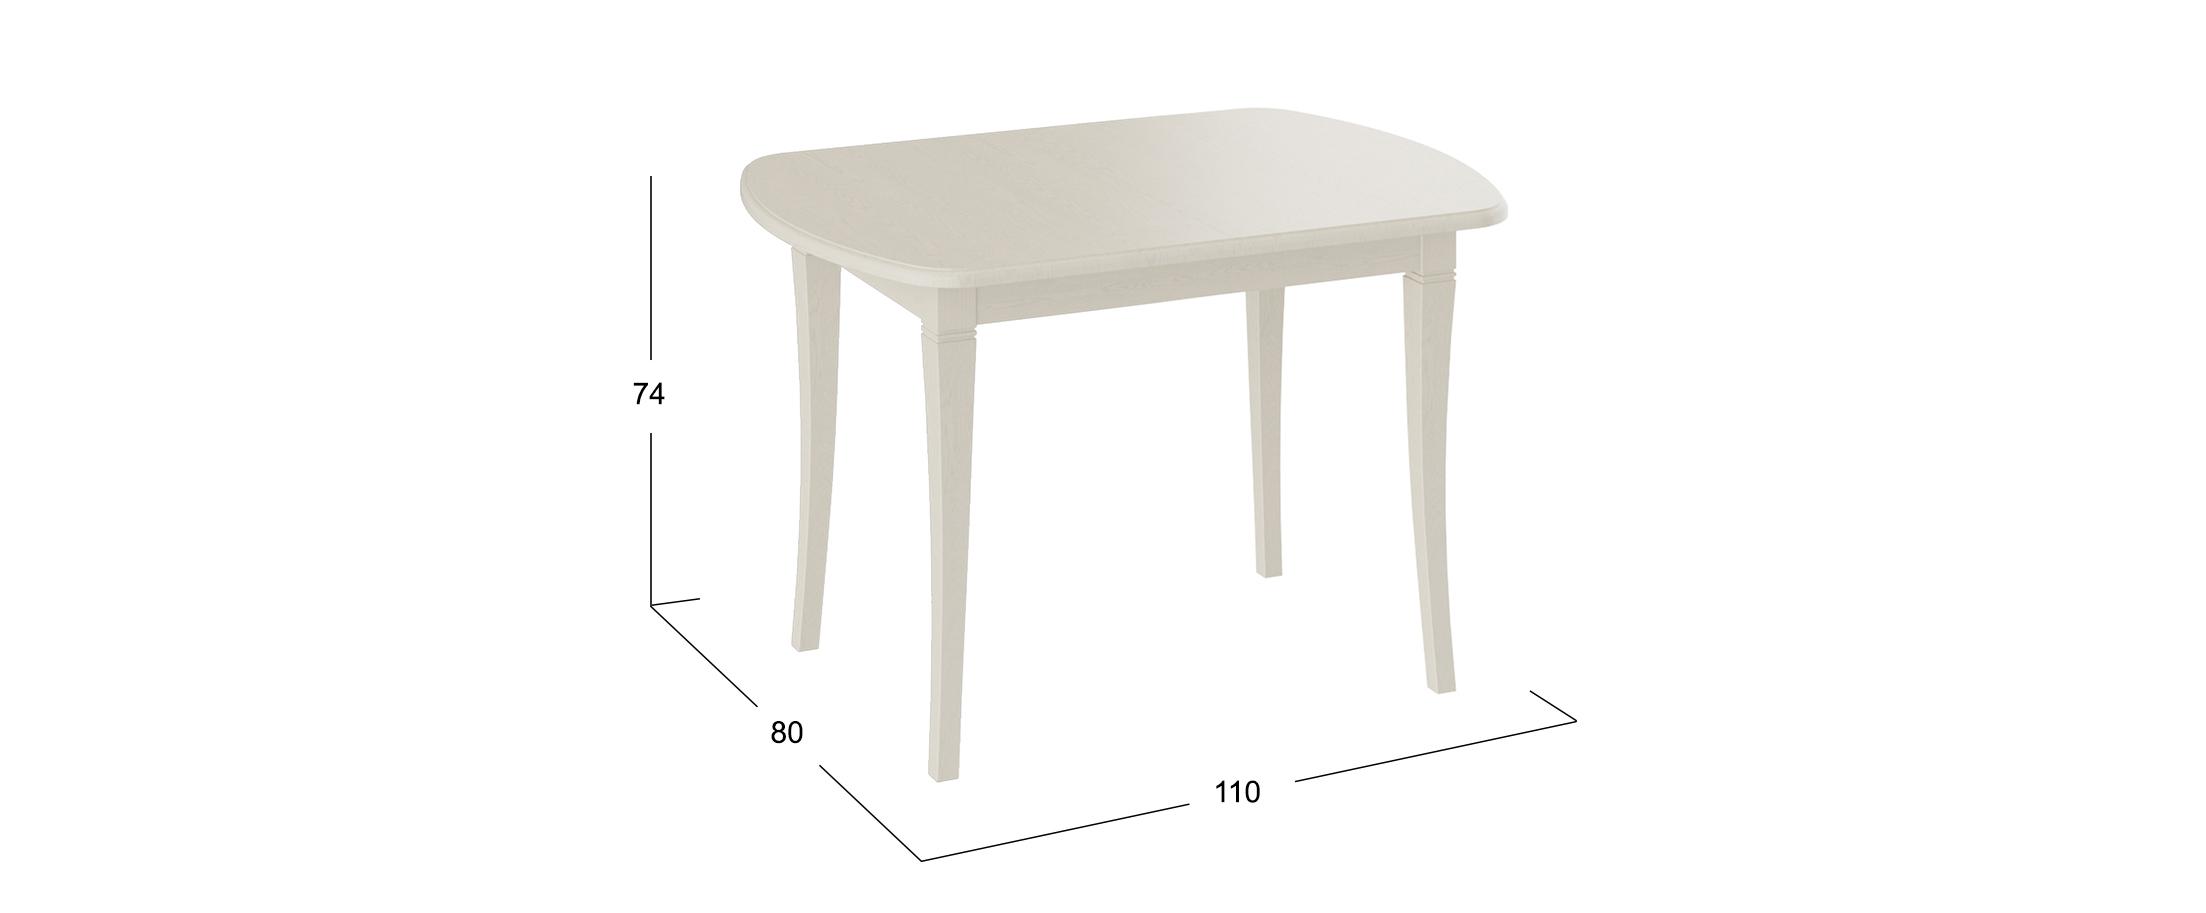 Стол обеденный Альт 110*80 Слоновая костьСтолы обеденные<br>При необходимости Стол Альт можно разложить, таким образом число посадочных мест увеличится до 8 человек. Трансформация этого стола осуществляется довольно просто и не составляет труда.